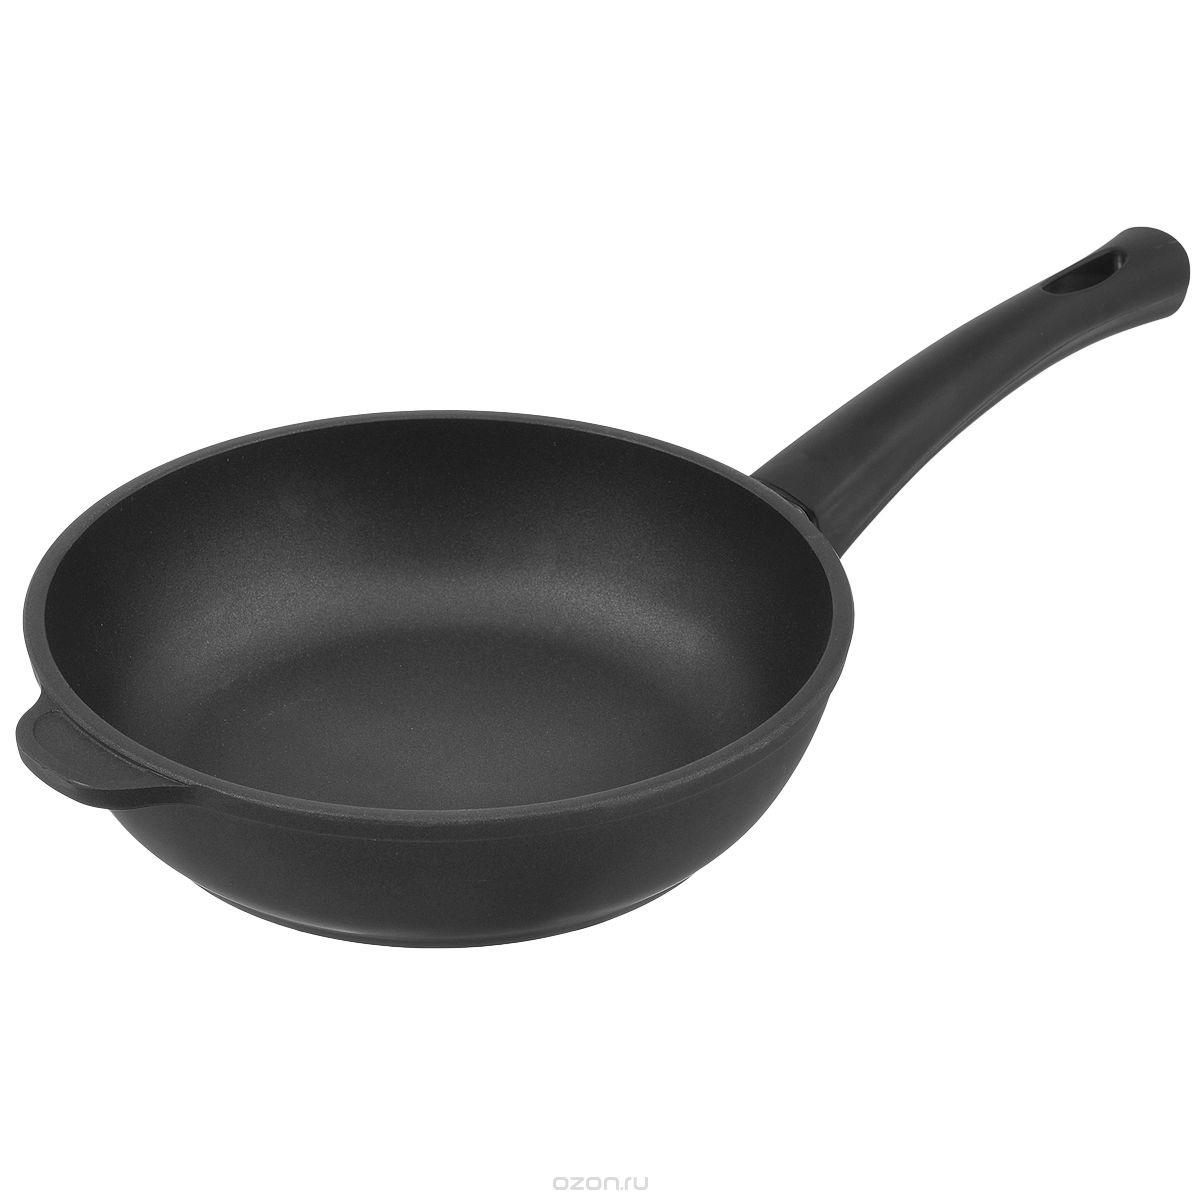 Сковорода Нева Металл Посуда литая, комфортная, 7222к, черный, 22 см